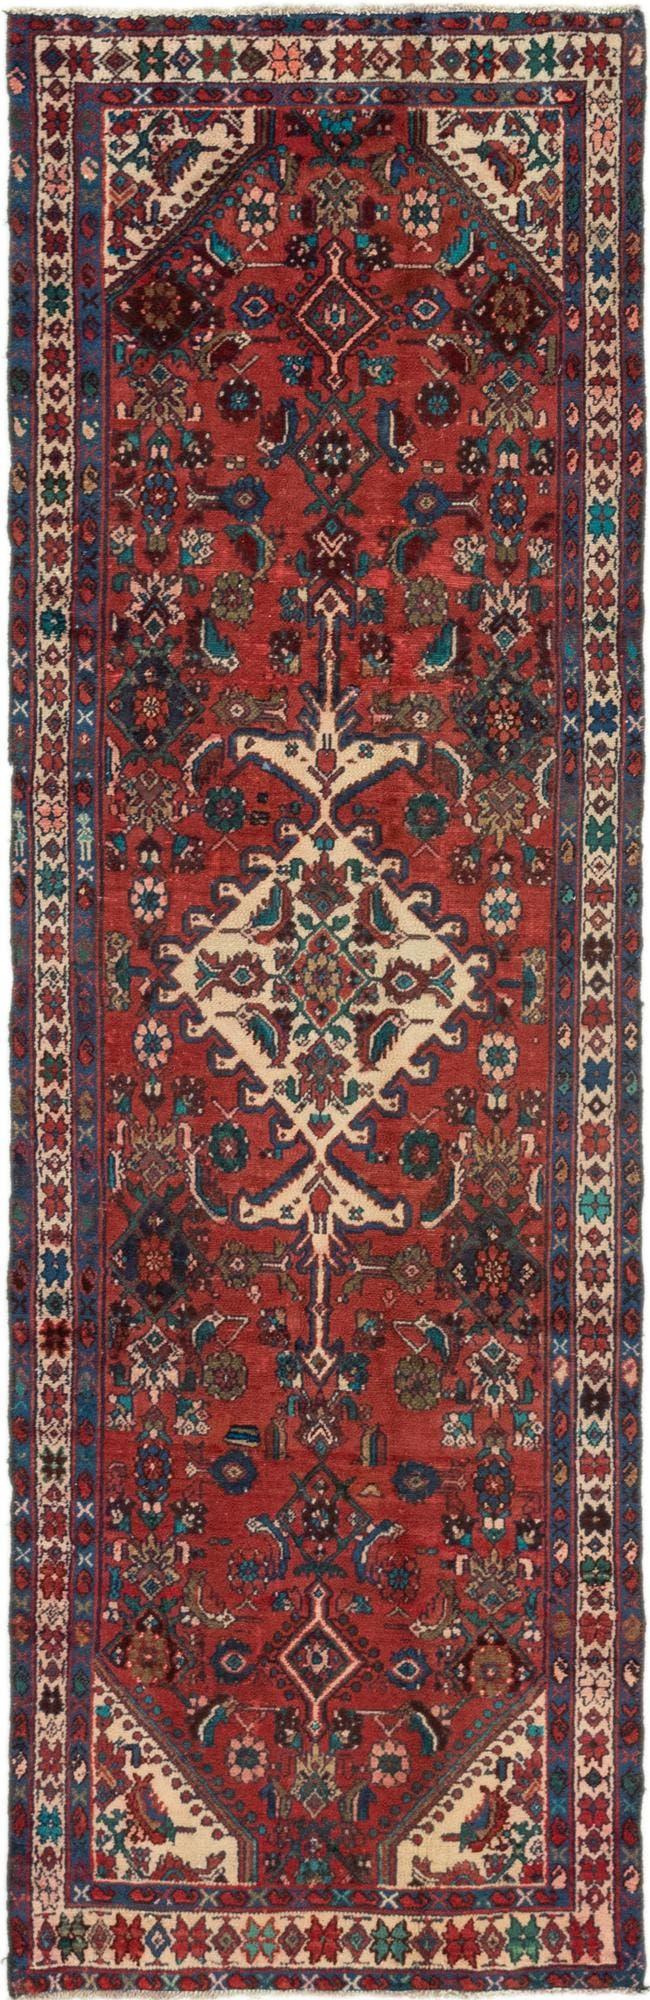 3' 2 x 10' 4 Hamedan Persian Runner Rug main image